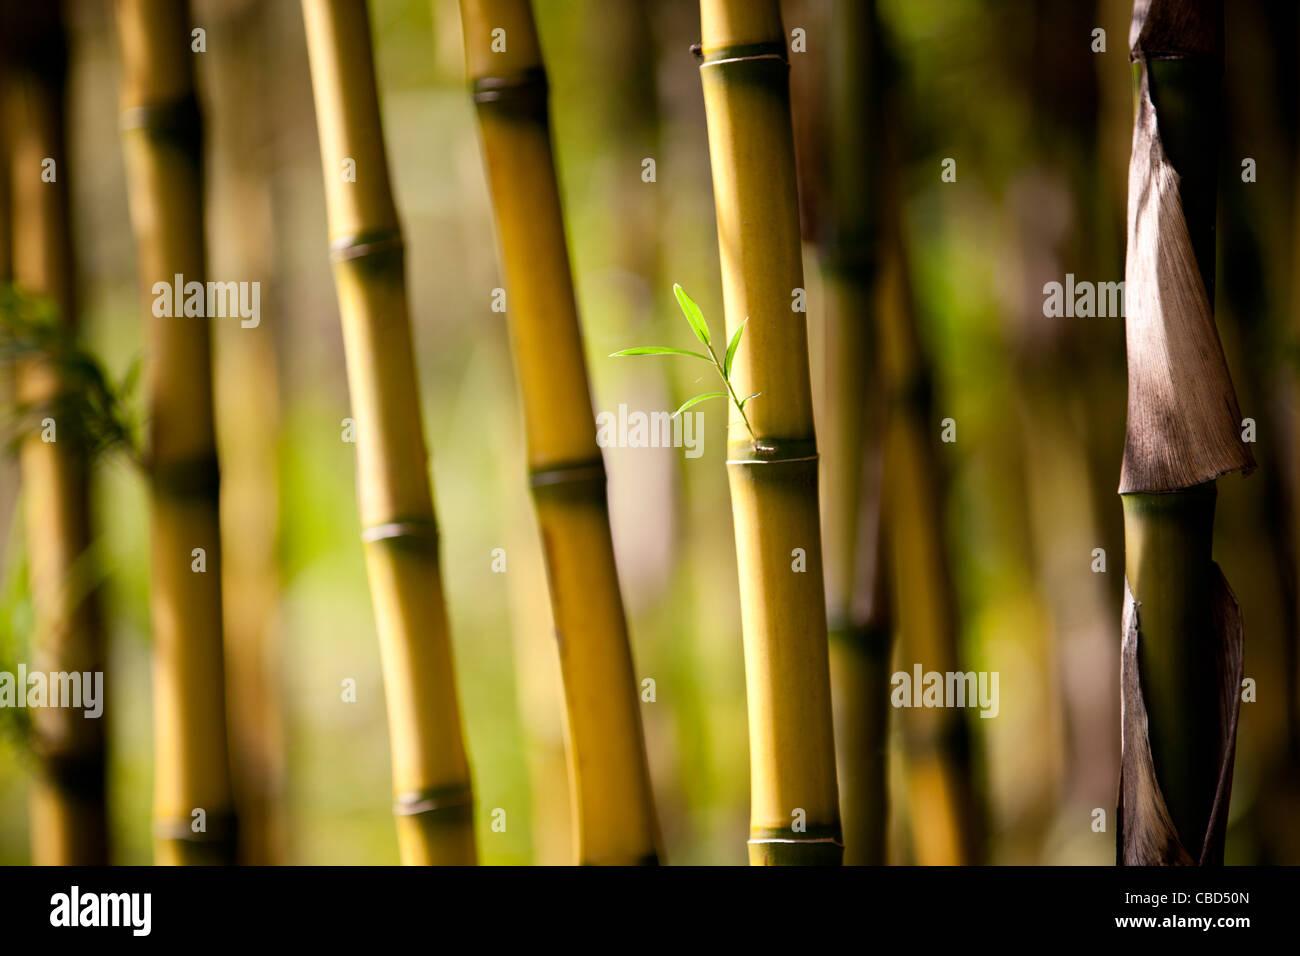 La germogliazione le foglie di bambù Immagini Stock